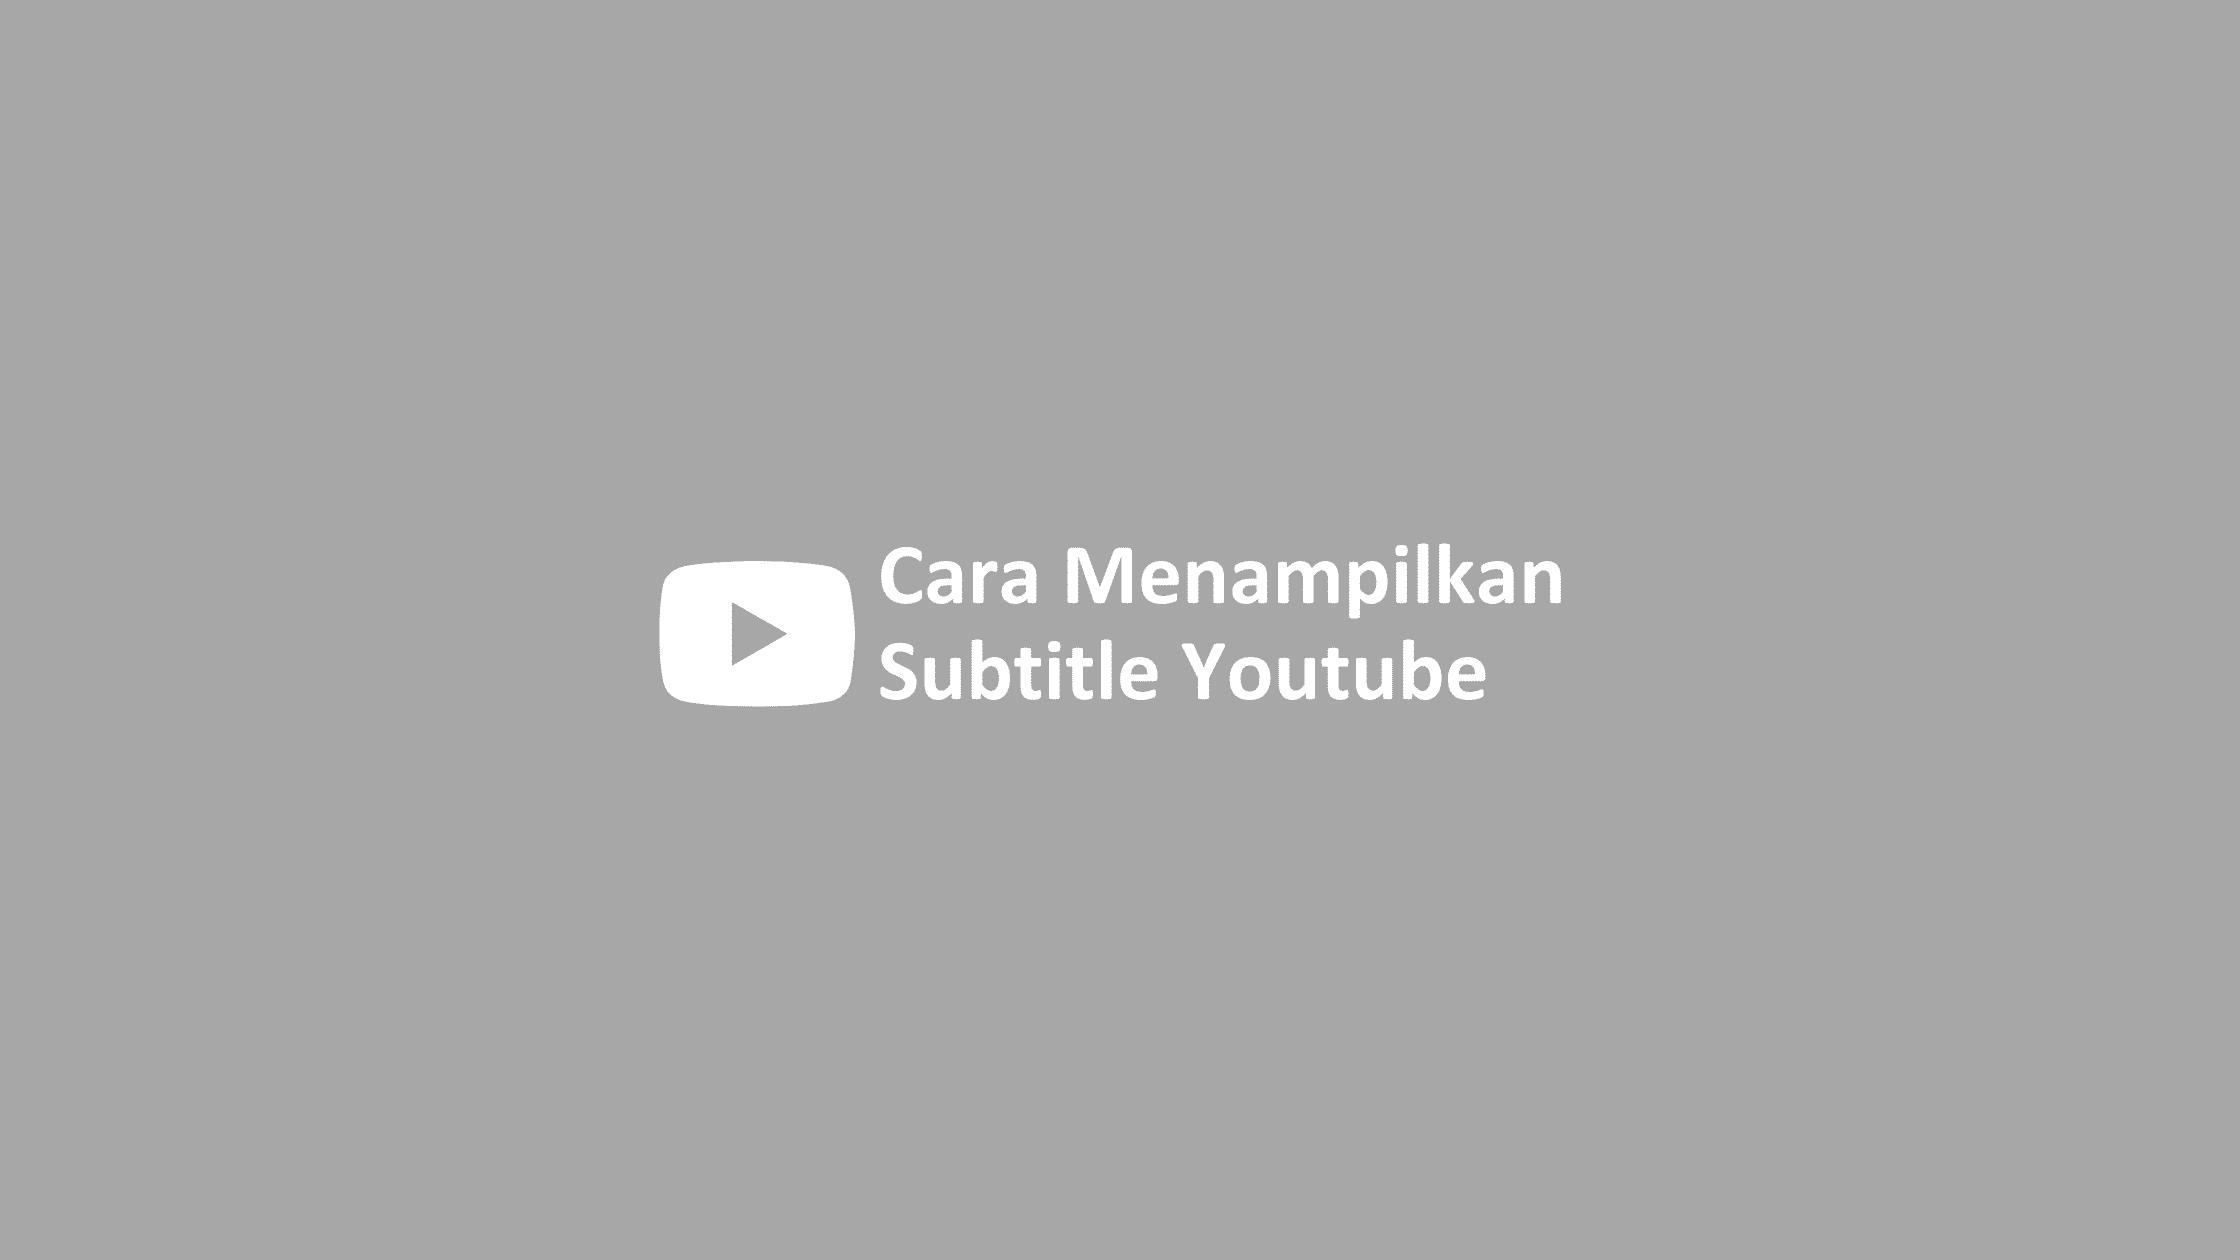 cara menampilkan subtitle di youtube yang tidak ada cc